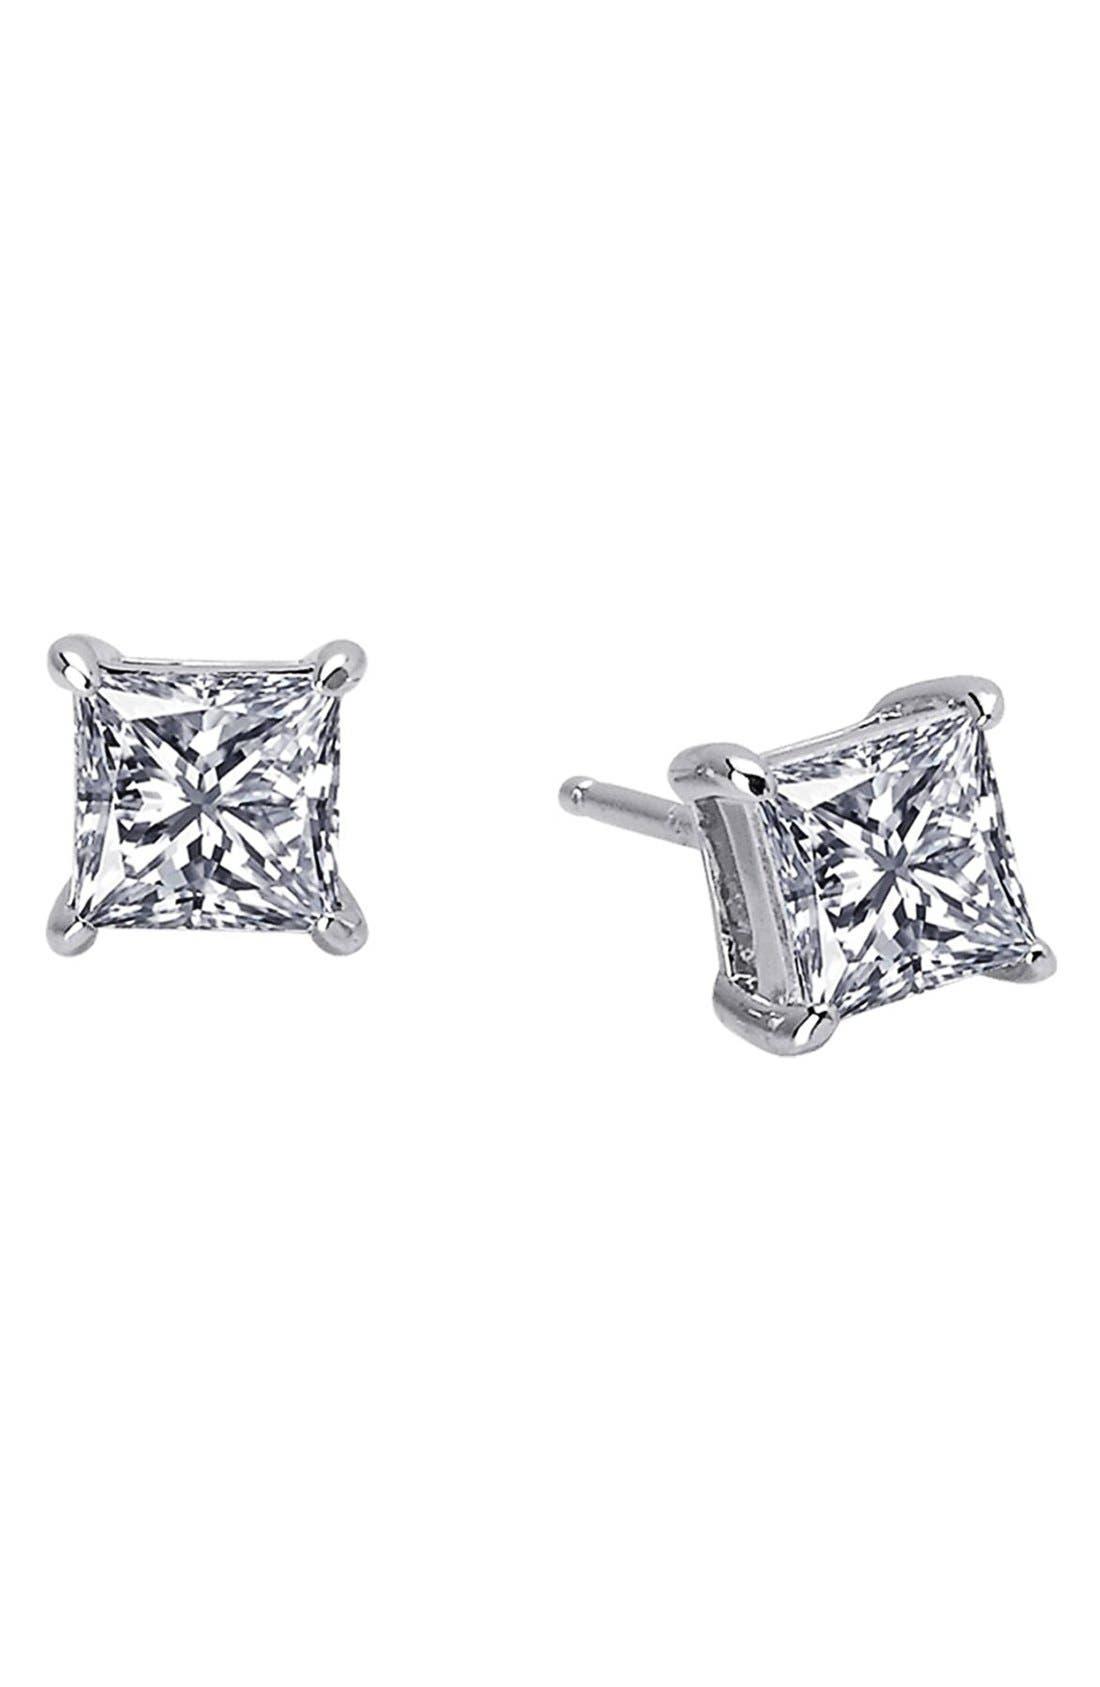 'Lassaire' Princess Cut Stud Earrings,                         Main,                         color, Silver